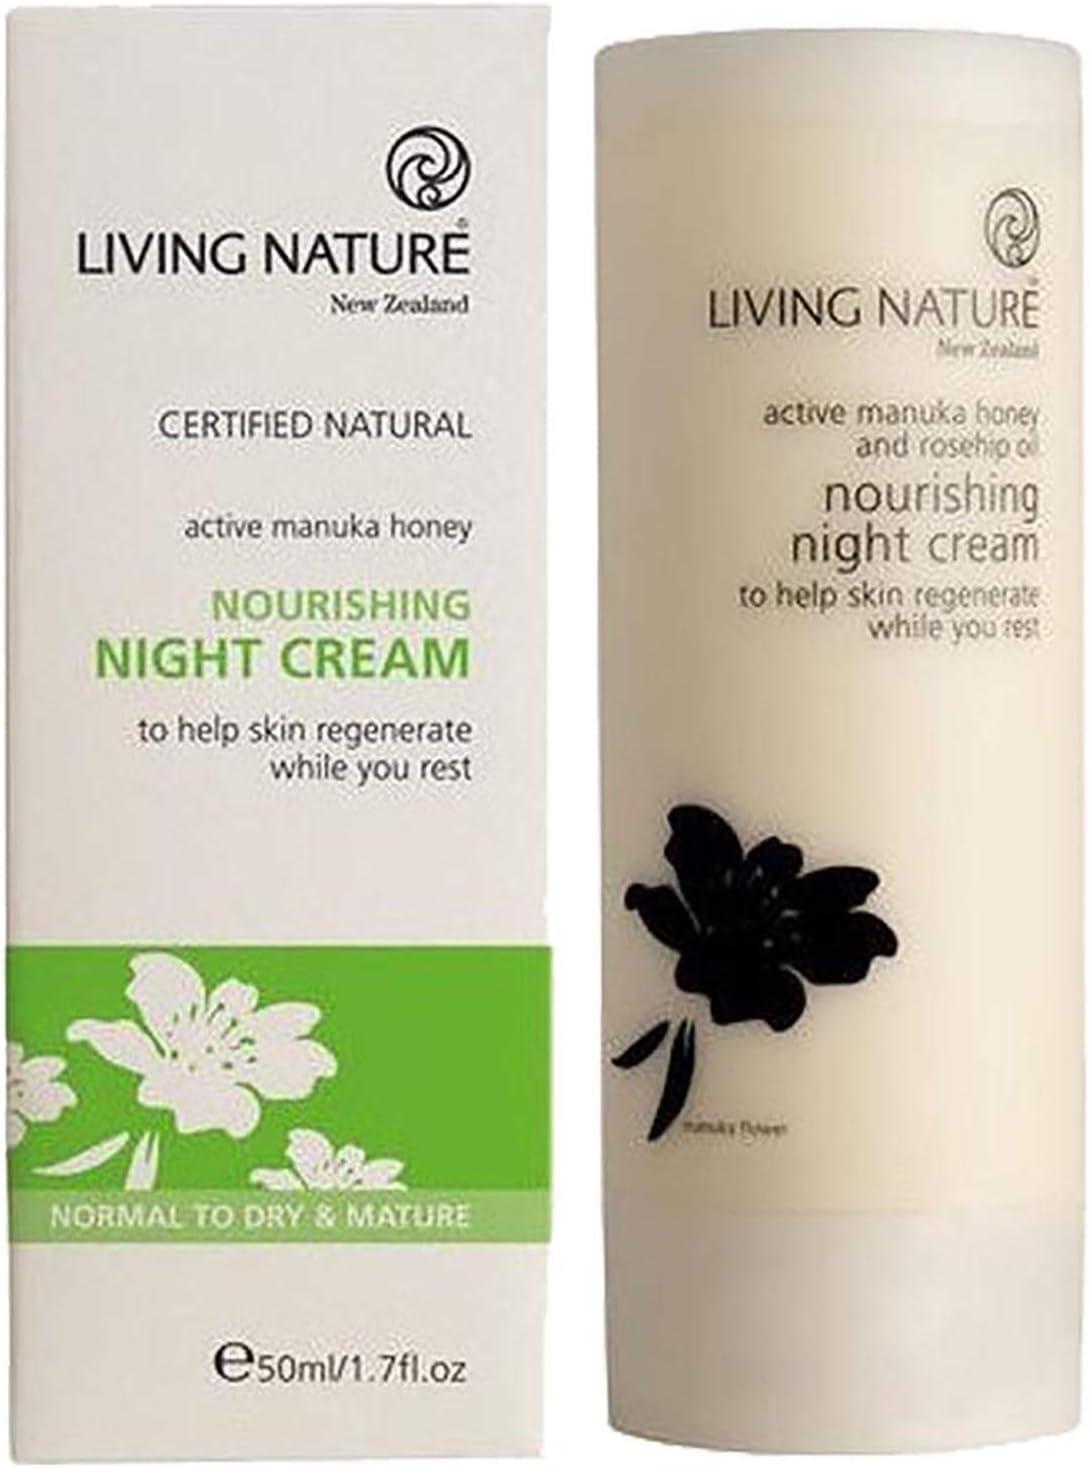 Living Nature Nourishing Night Cream 50 ml